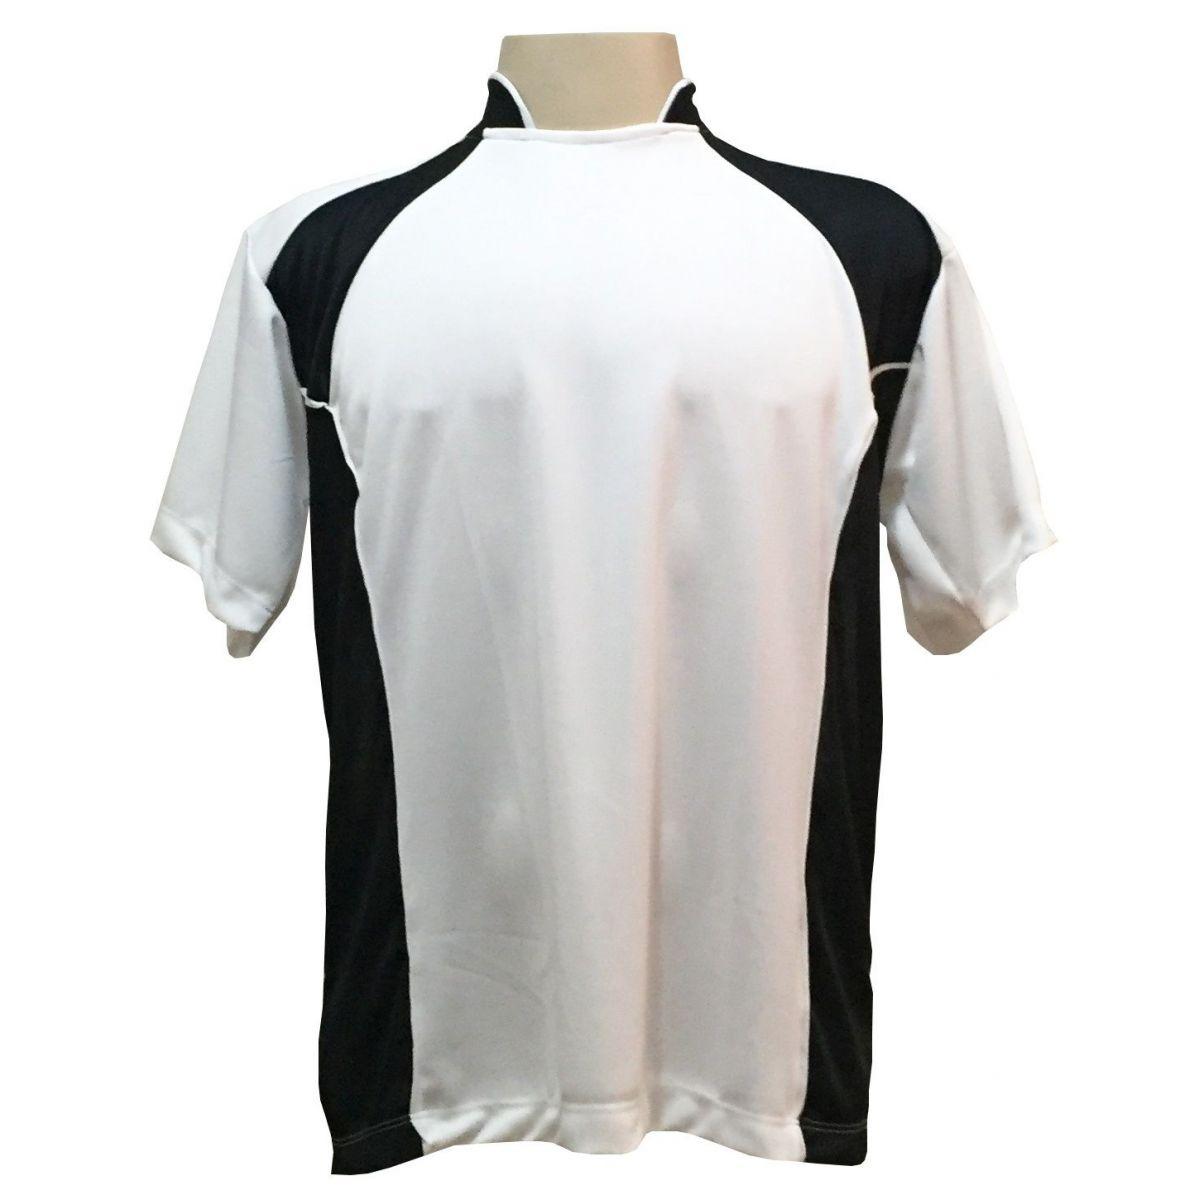 Uniforme Esportivo com 14 Camisas modelo Suécia Branco/Preto + 14 Calções modelo Madrid Branco